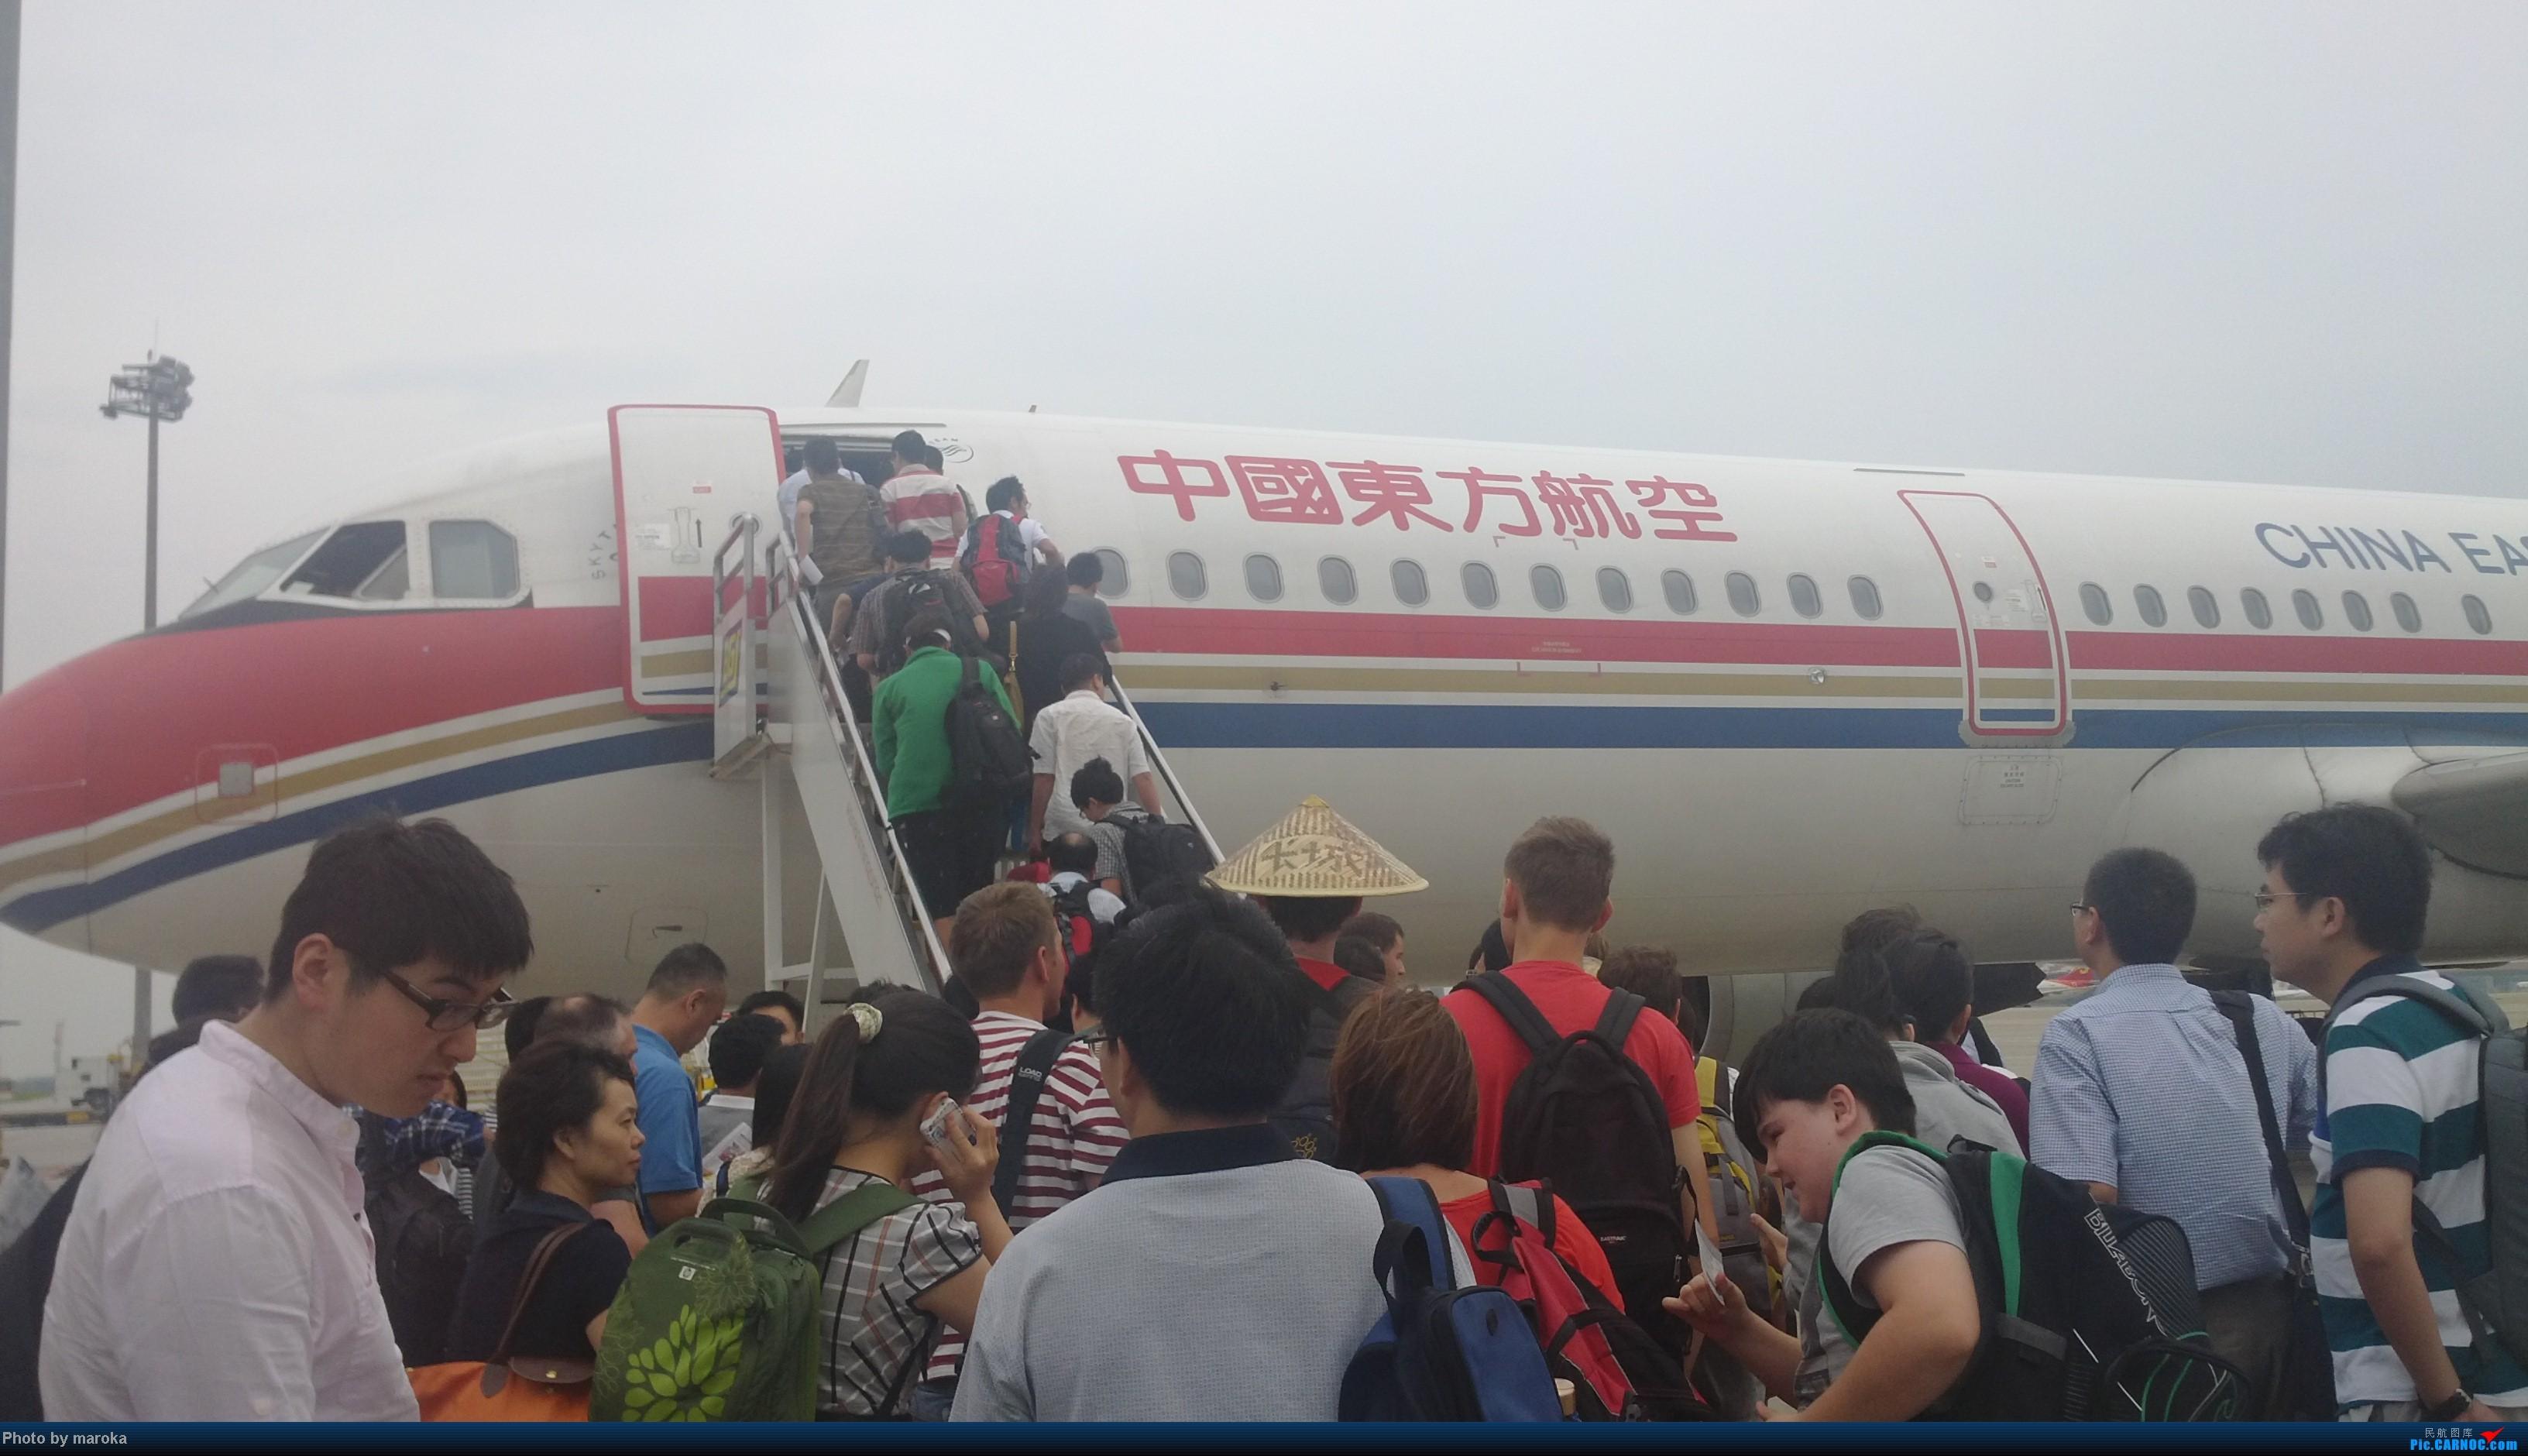 [原创]暑期之旅,北京-上海-悉尼-布里斯班-黄金海岸-奥克兰-墨尔本-上海-北京。